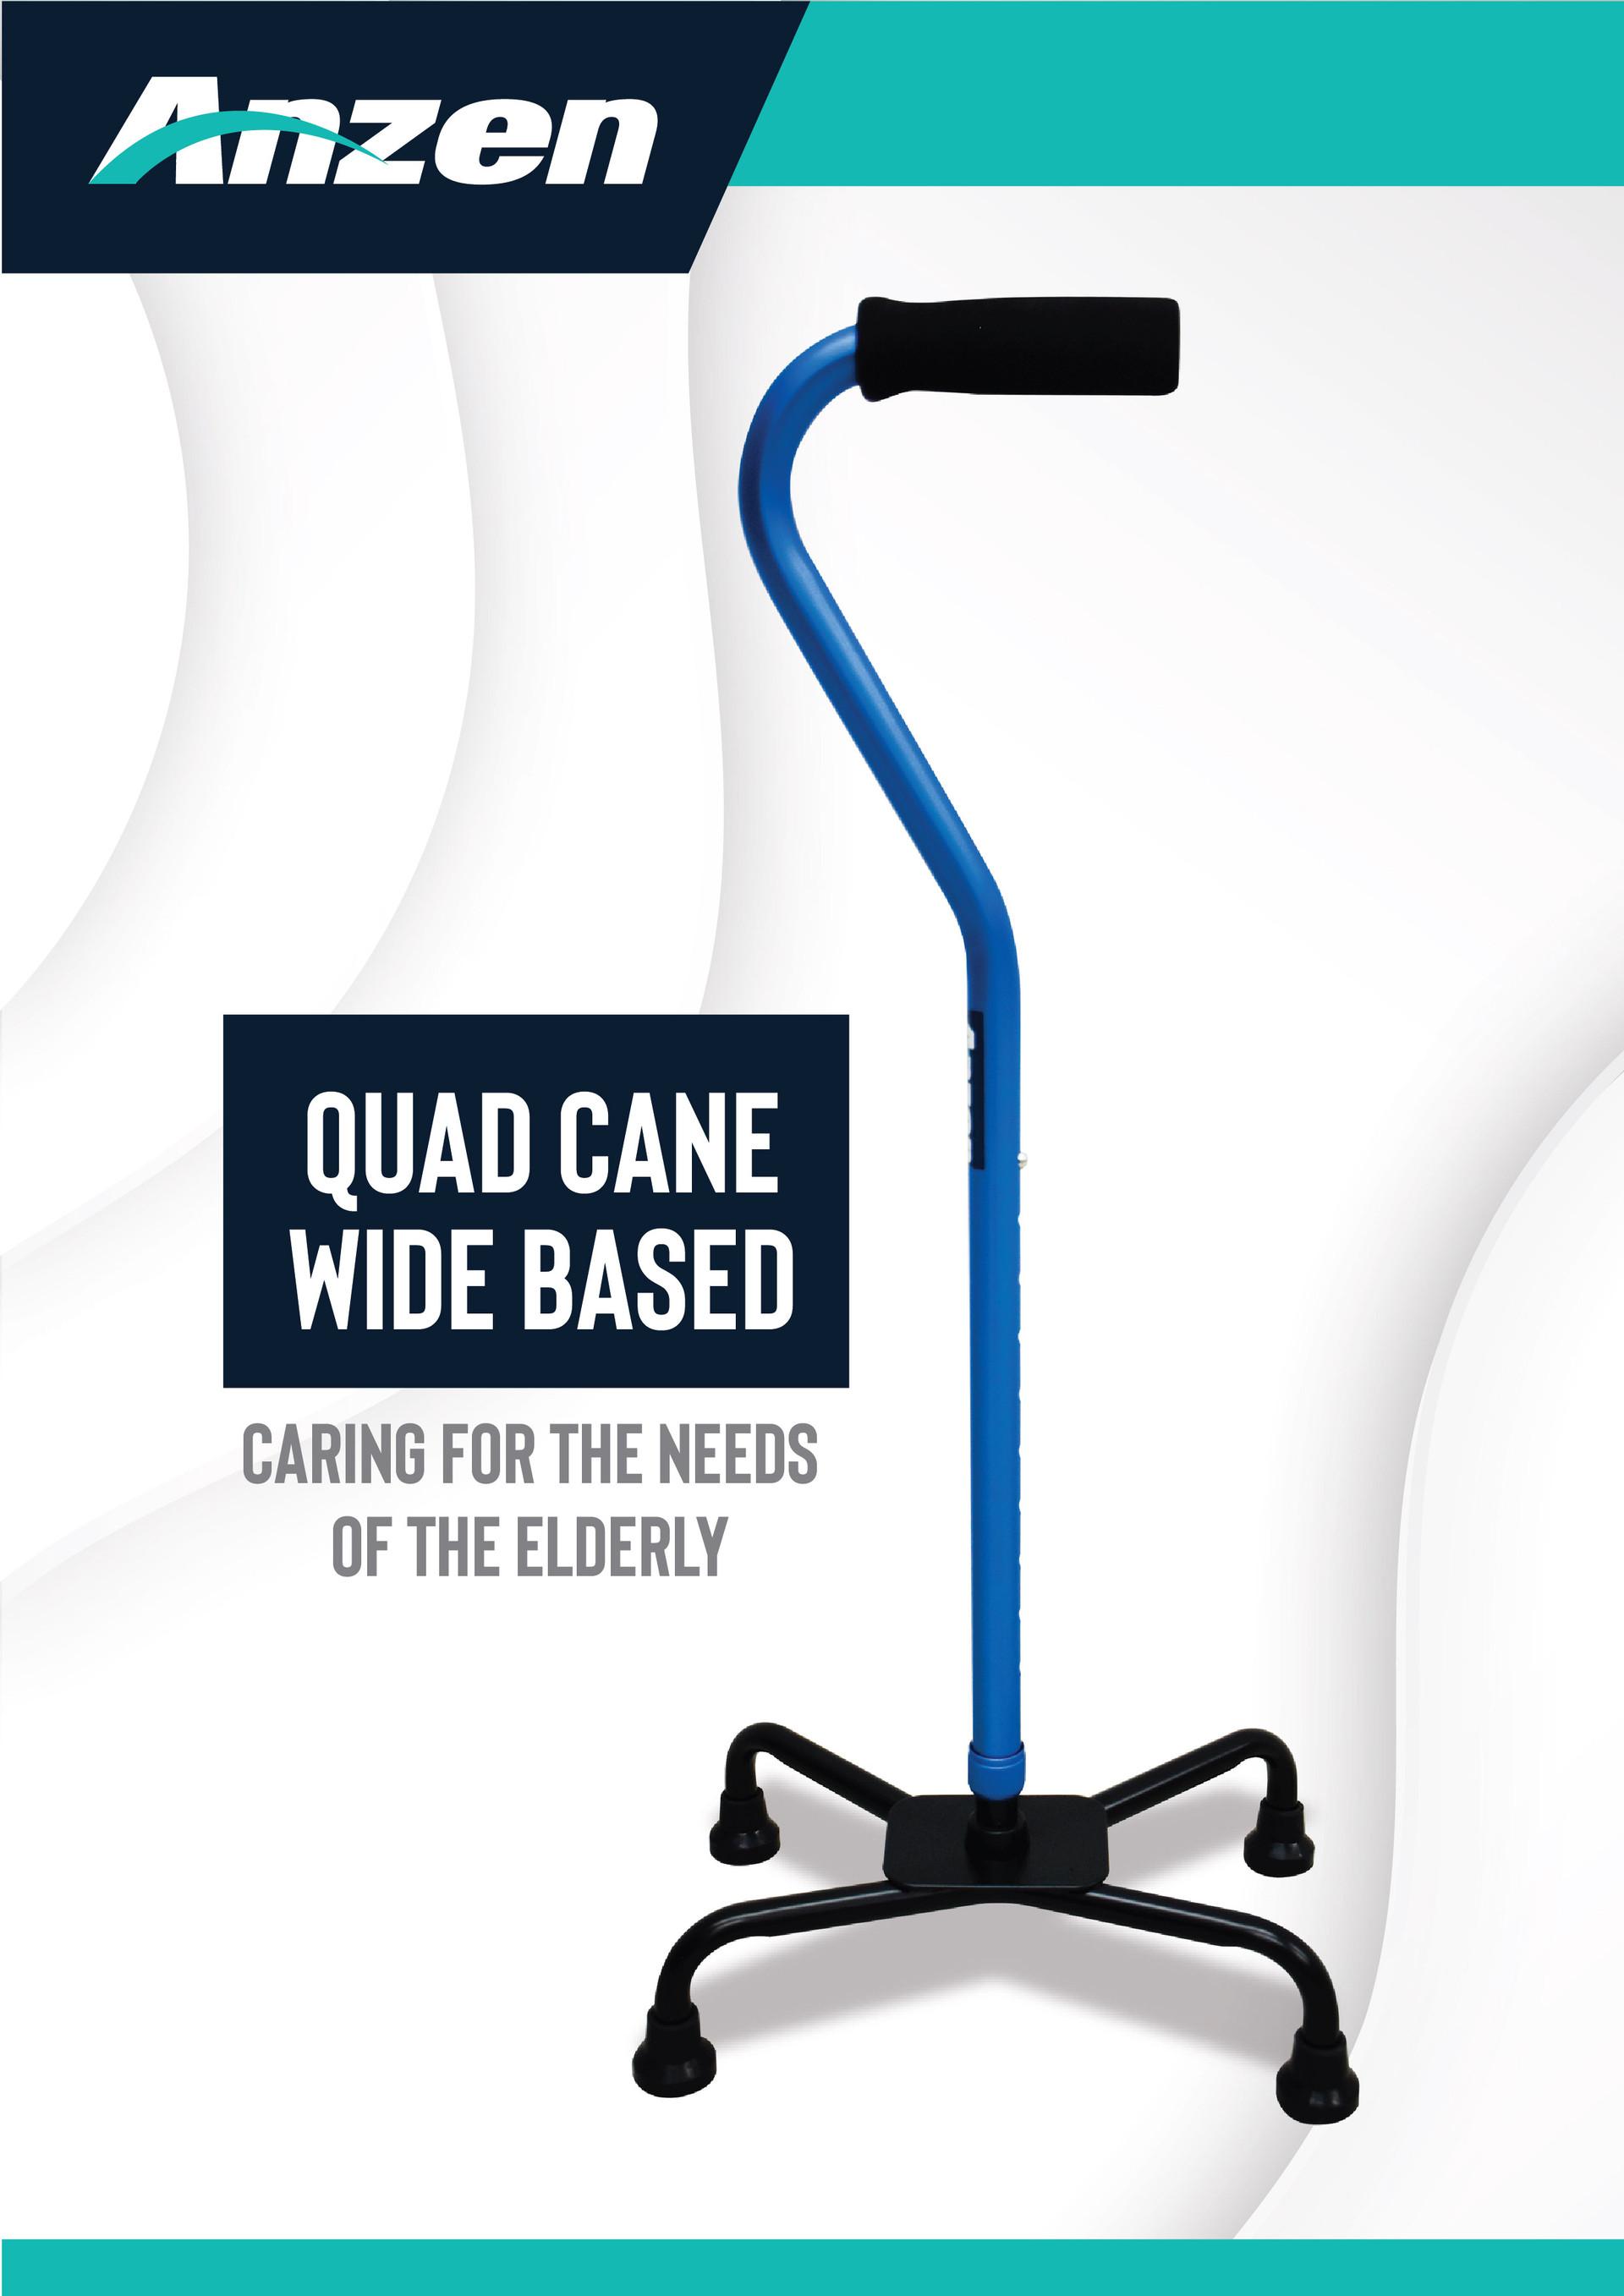 Quad cane-02.jpg